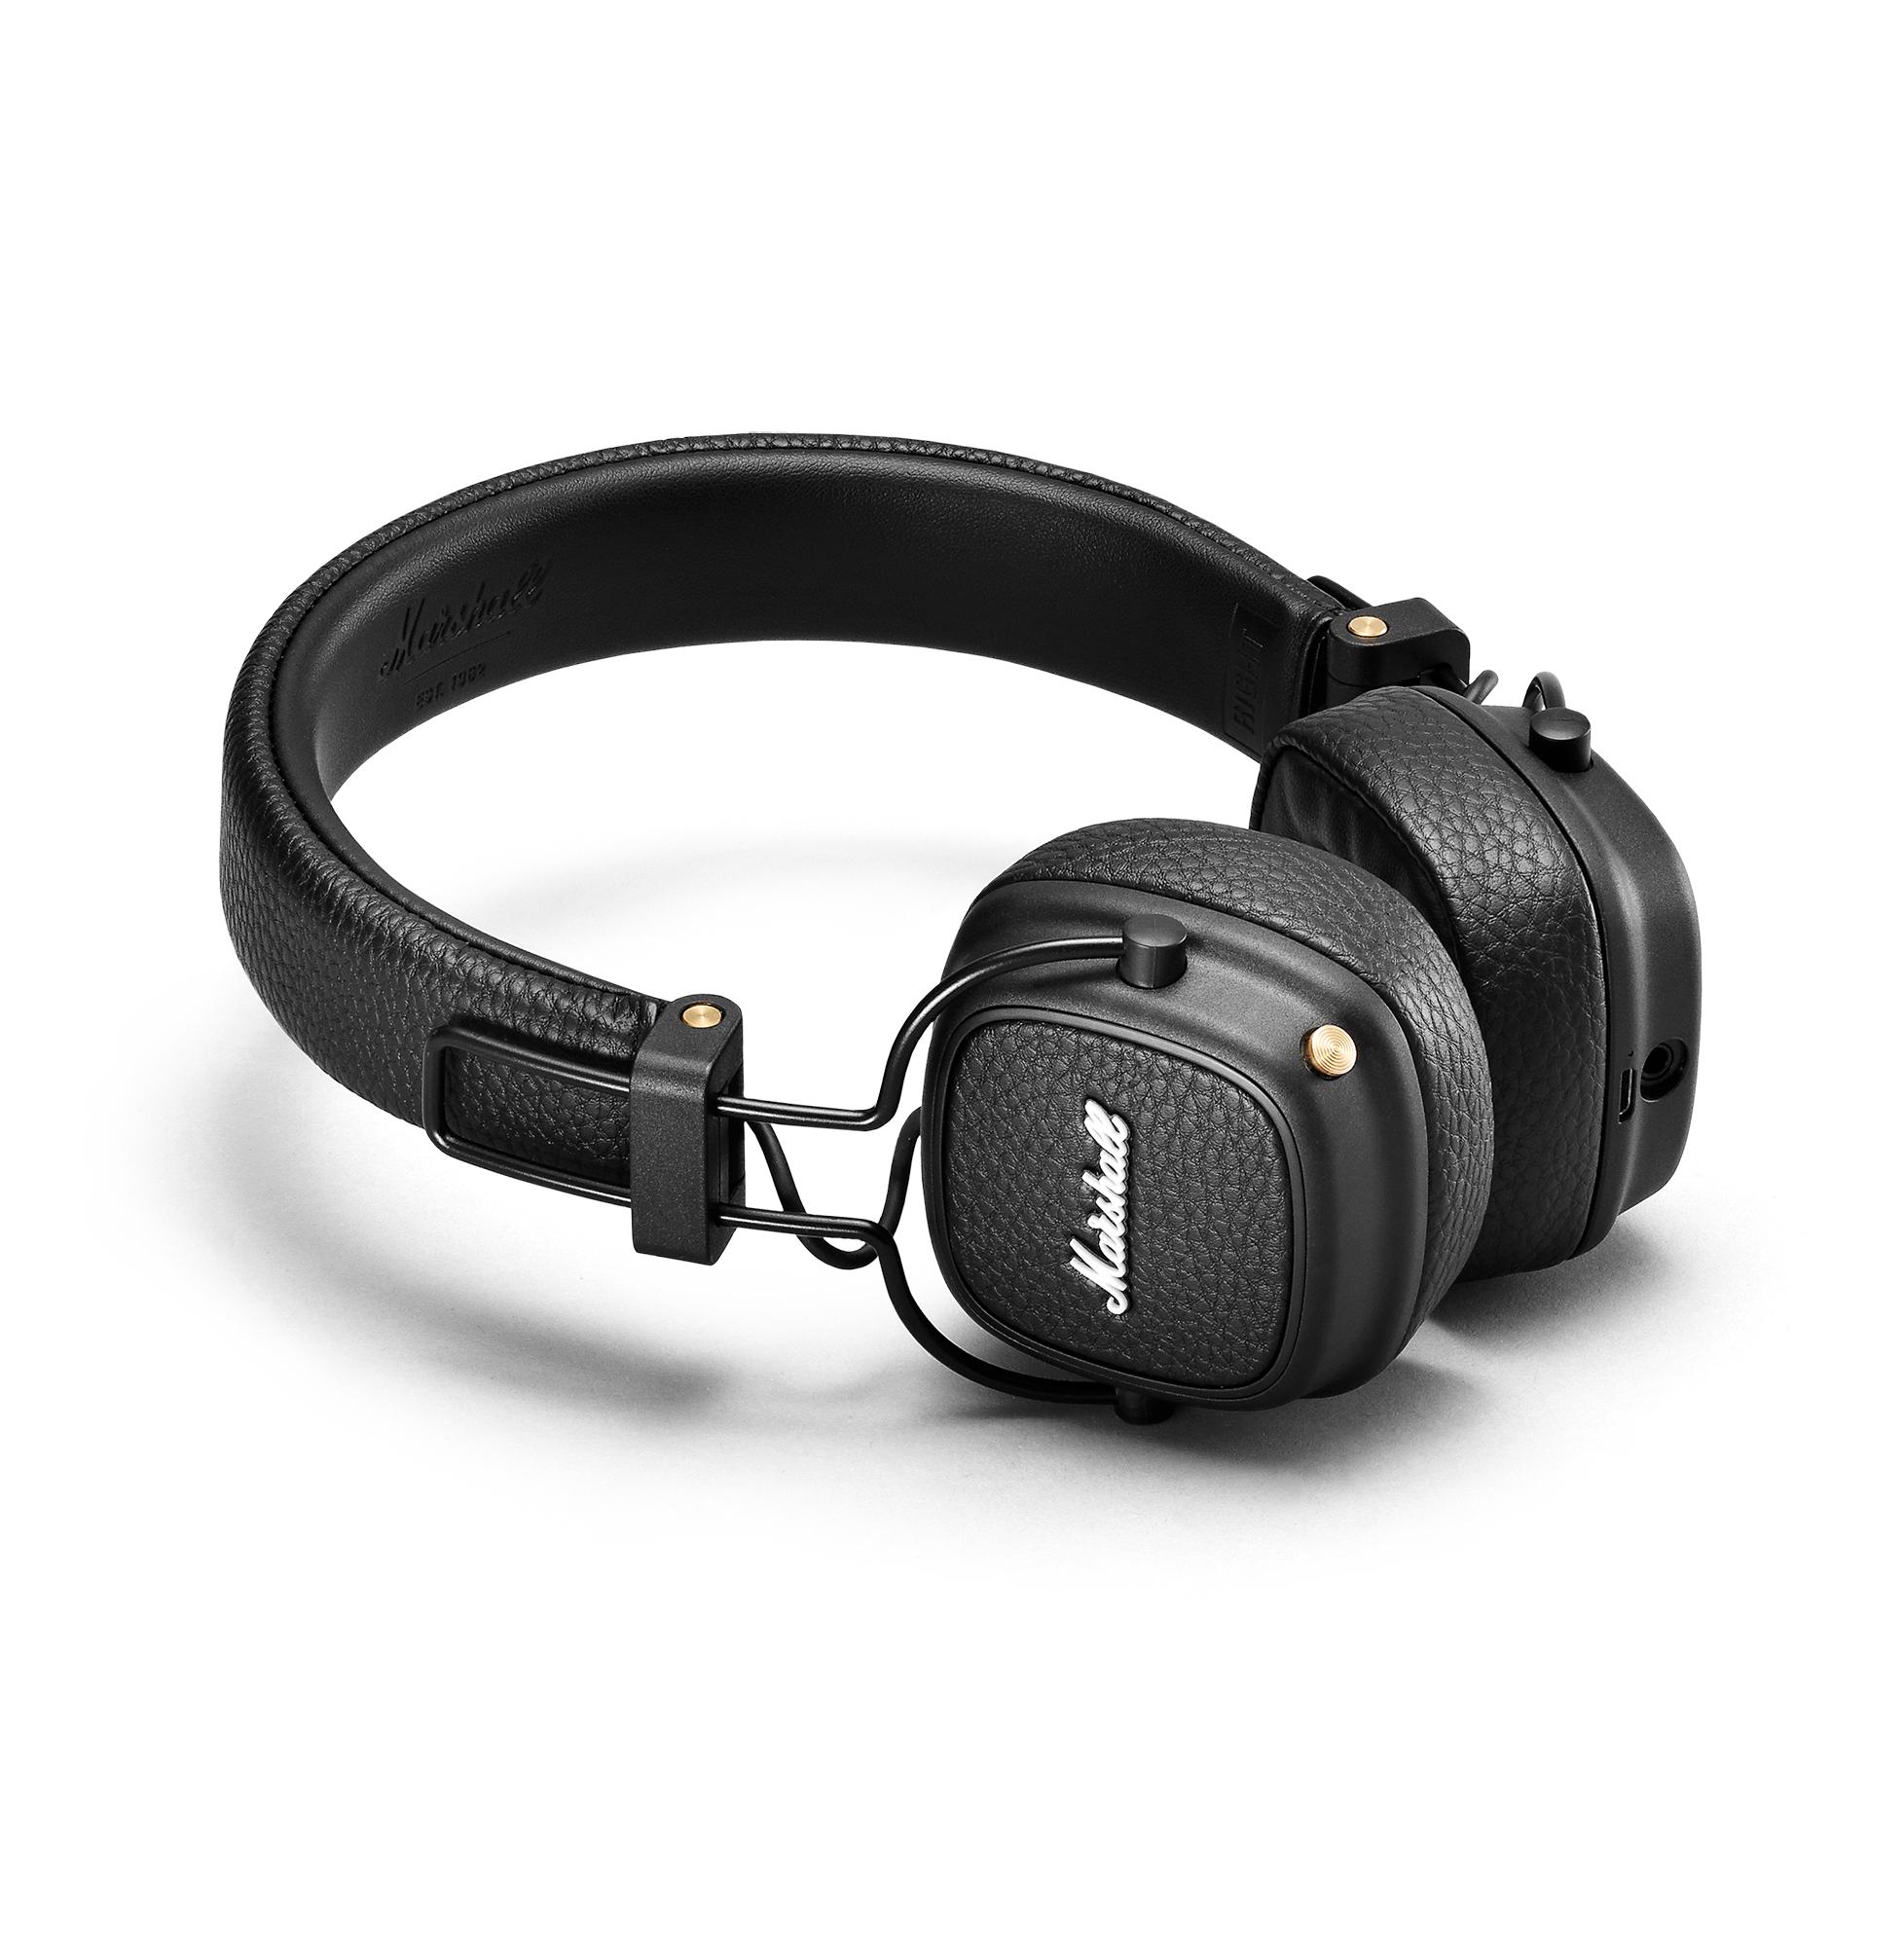 Marshall Major III On-Ear Bluetooth Headphones - Black/White - £49.99 at Marshall Headphones Shop